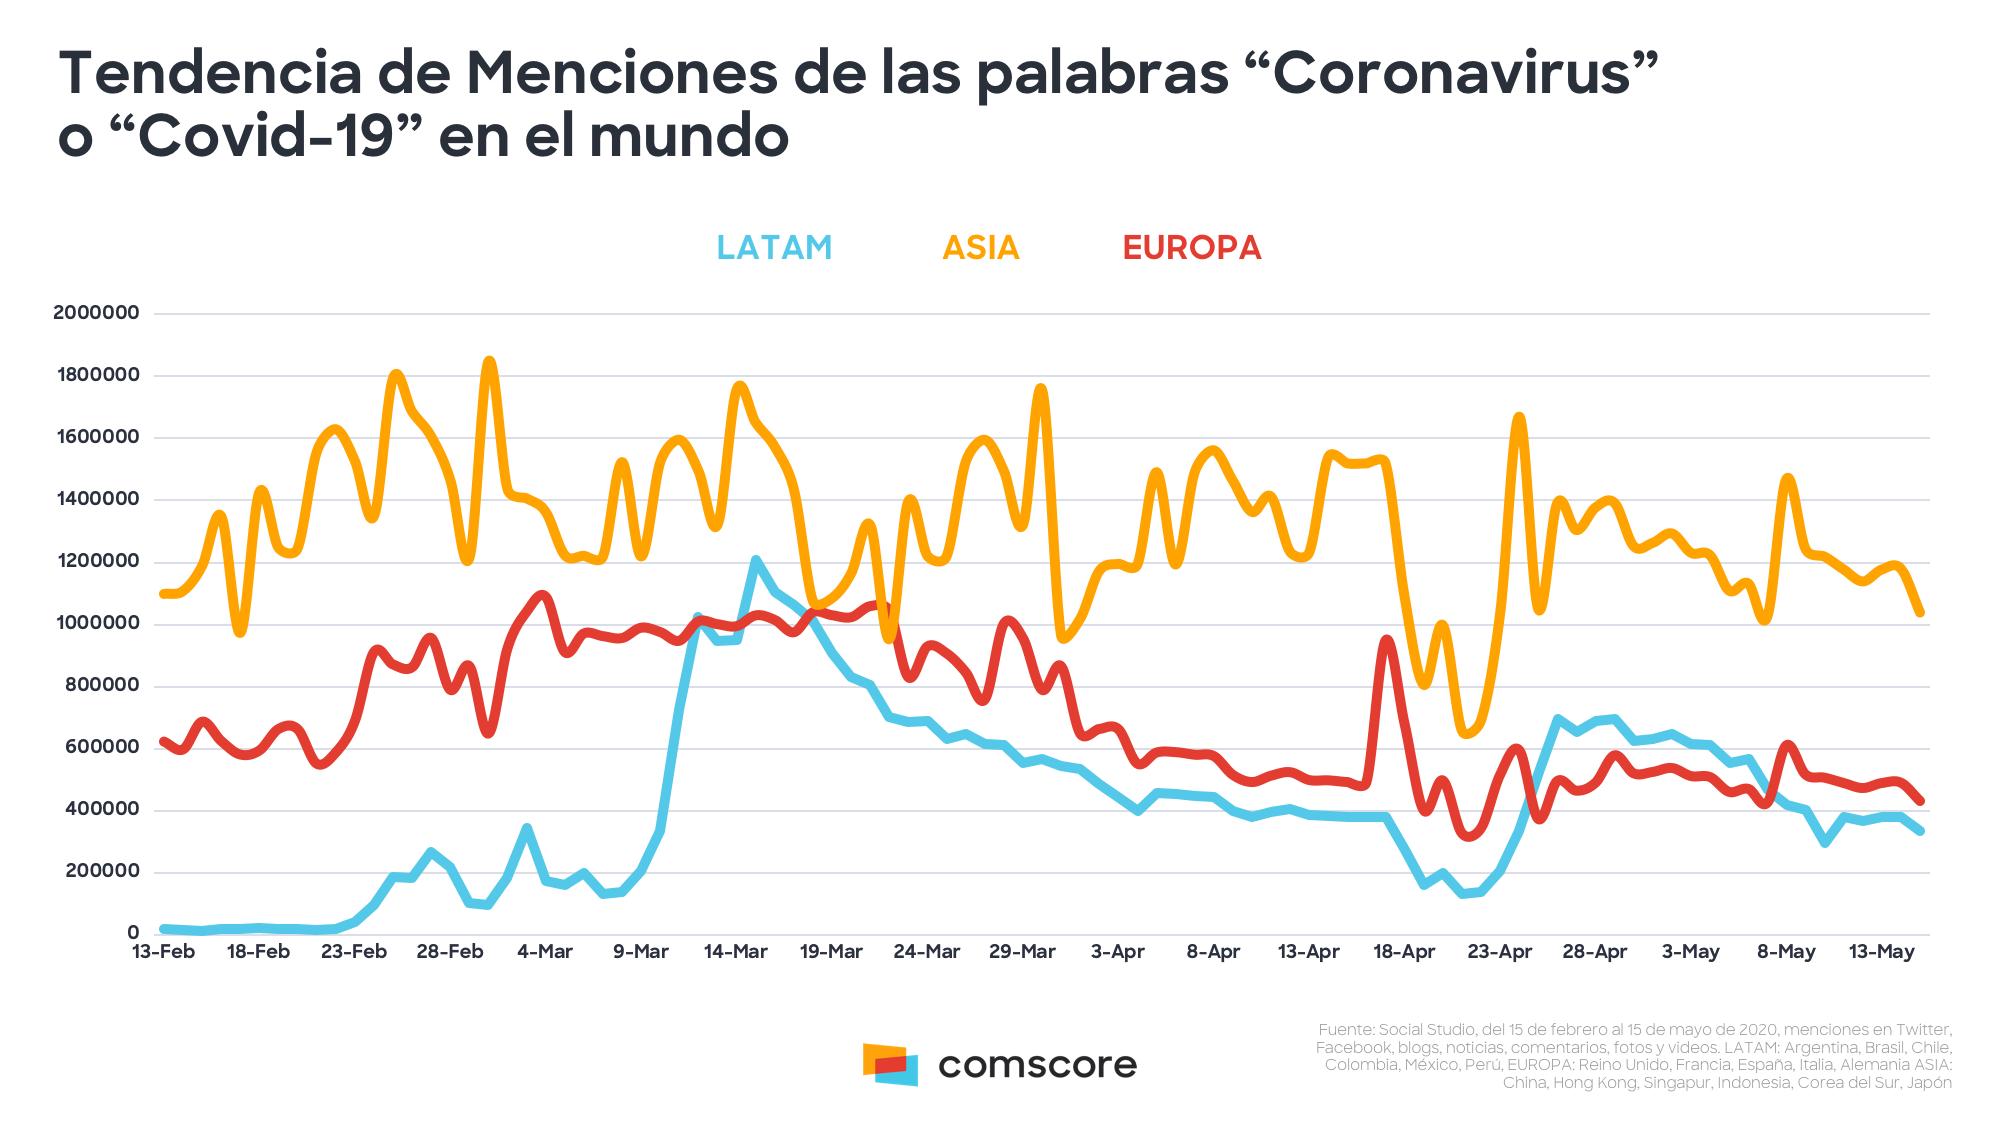 Análisis del impacto del COVID-19 en Redes Sociales alrededor del mundo, según Comscore.